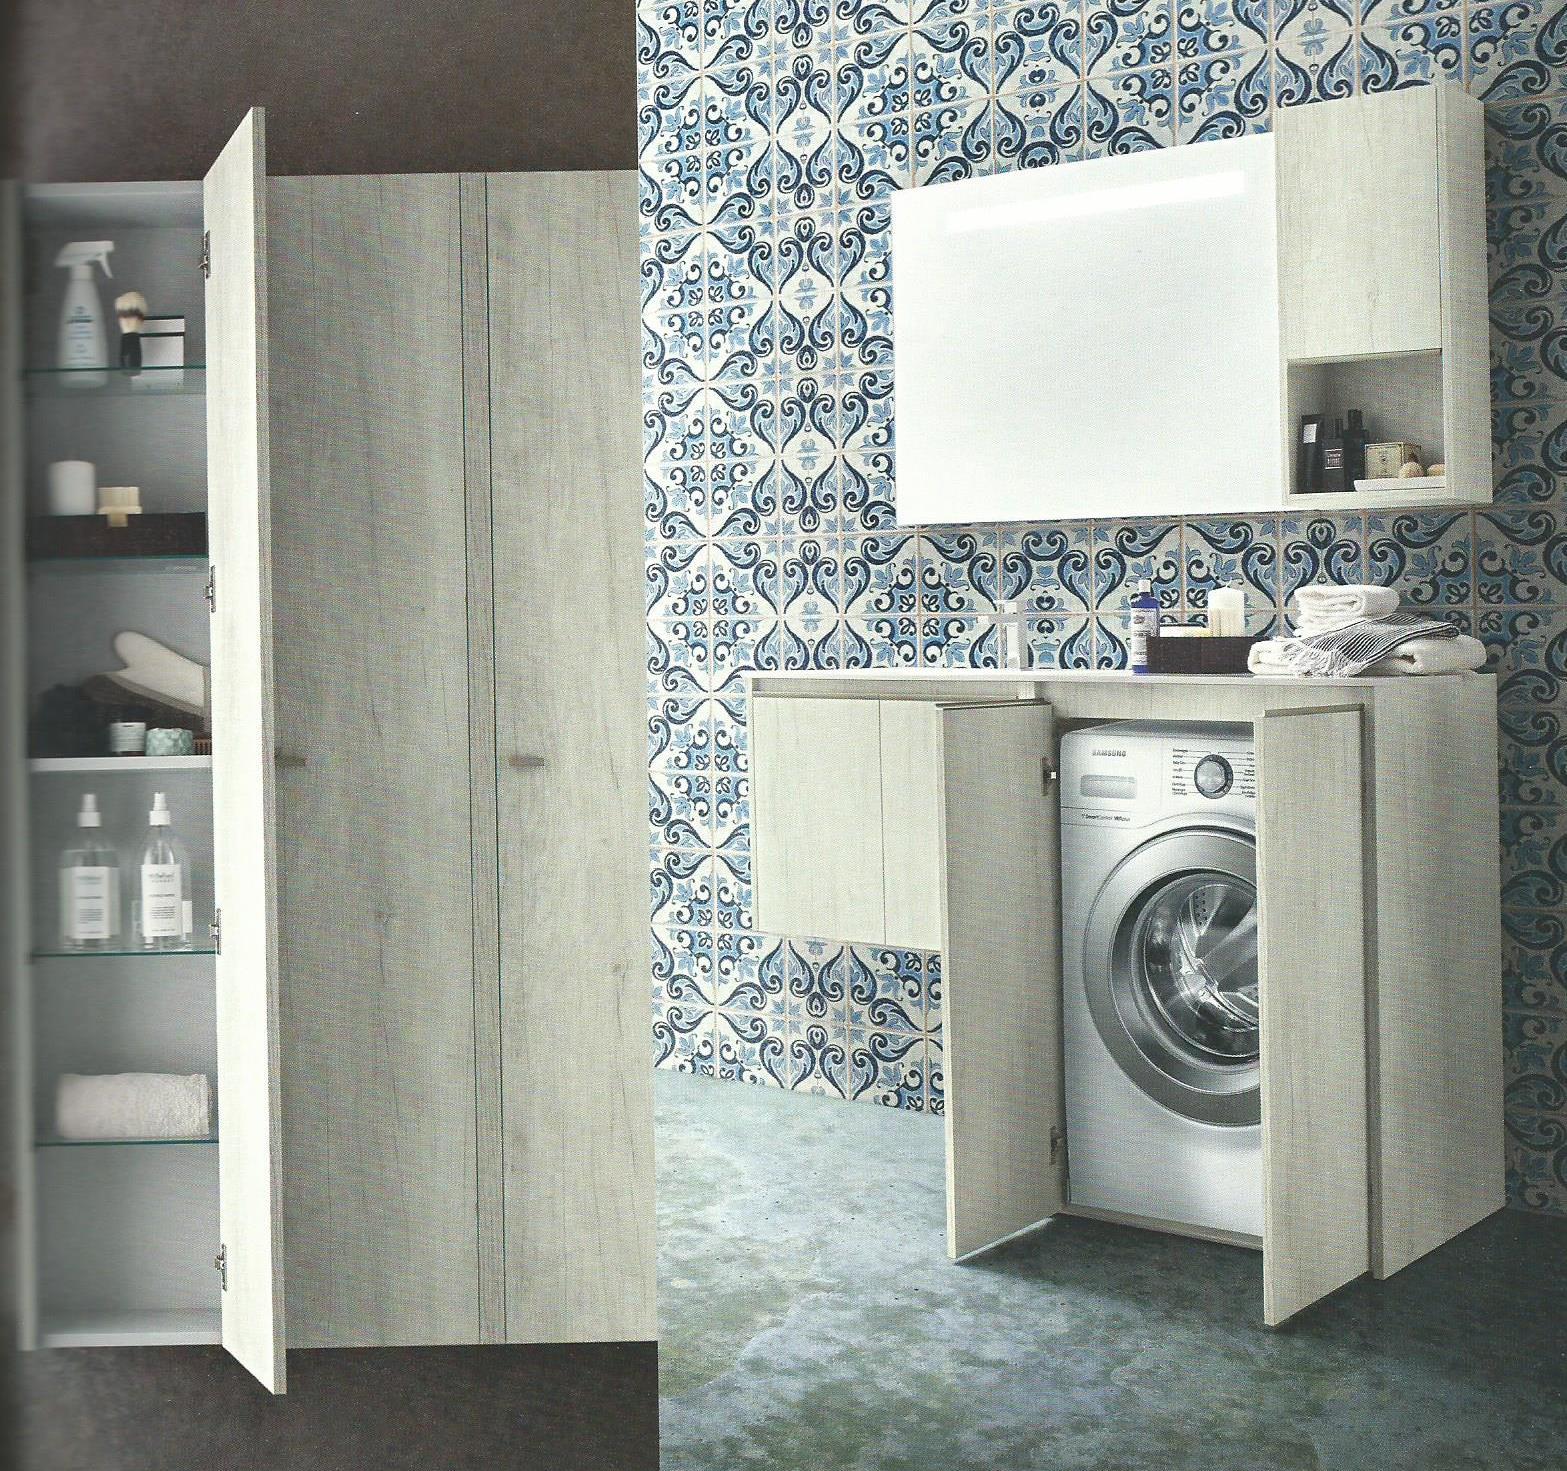 Mobile lavatrice e asciugatrice non solo mobili cucina soggiorno e camera - Mobile per lavatrice e asciugatrice ...